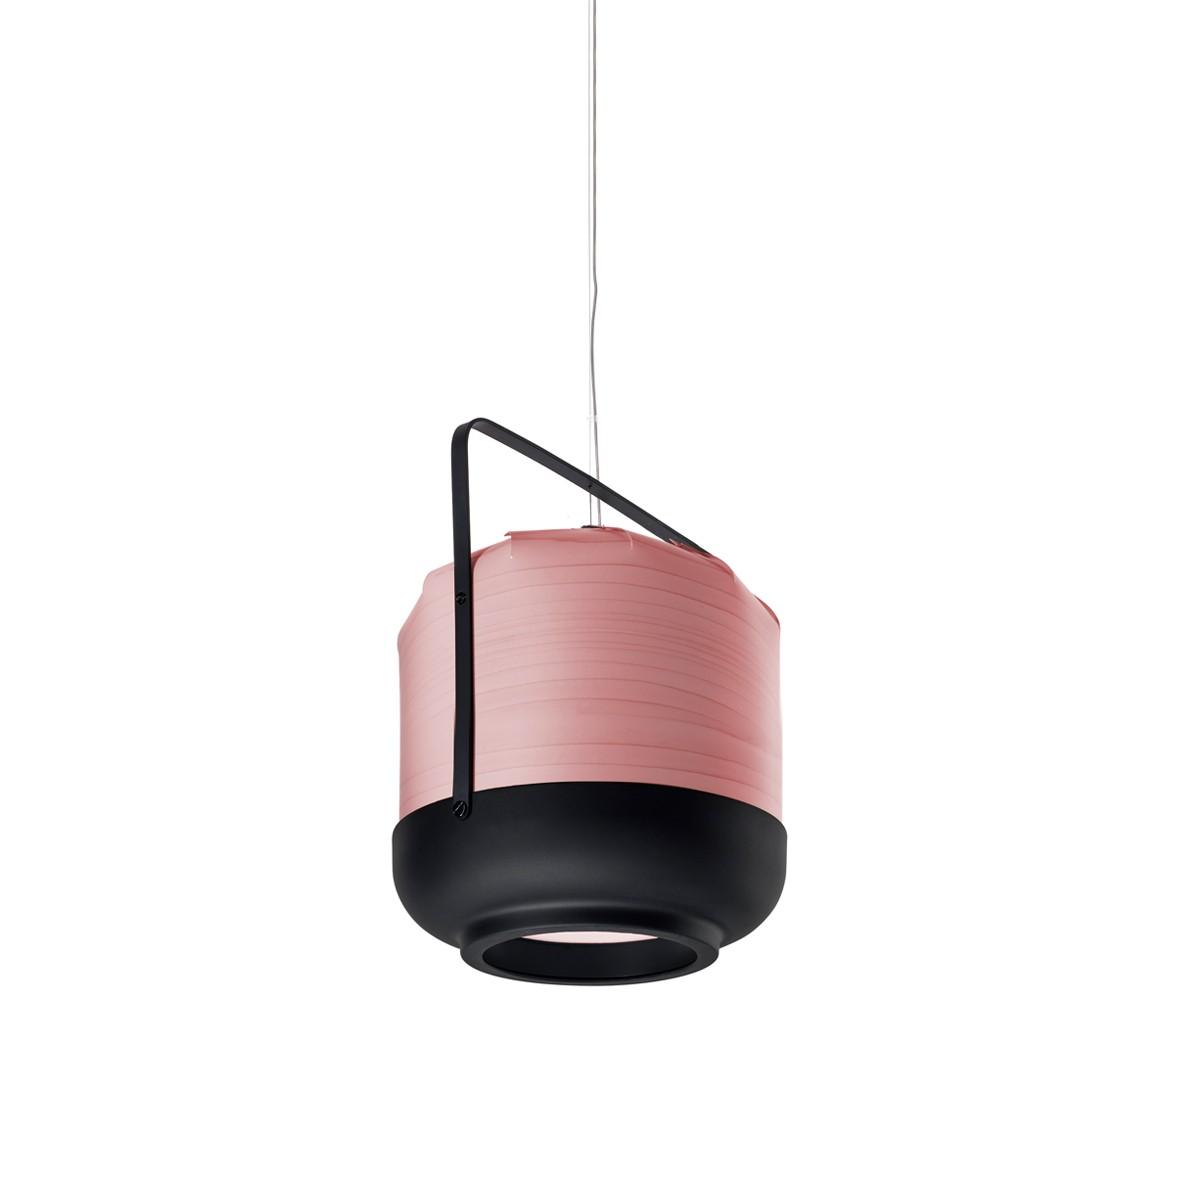 LZF Lamps Chou Short Pendelleuchte, pink